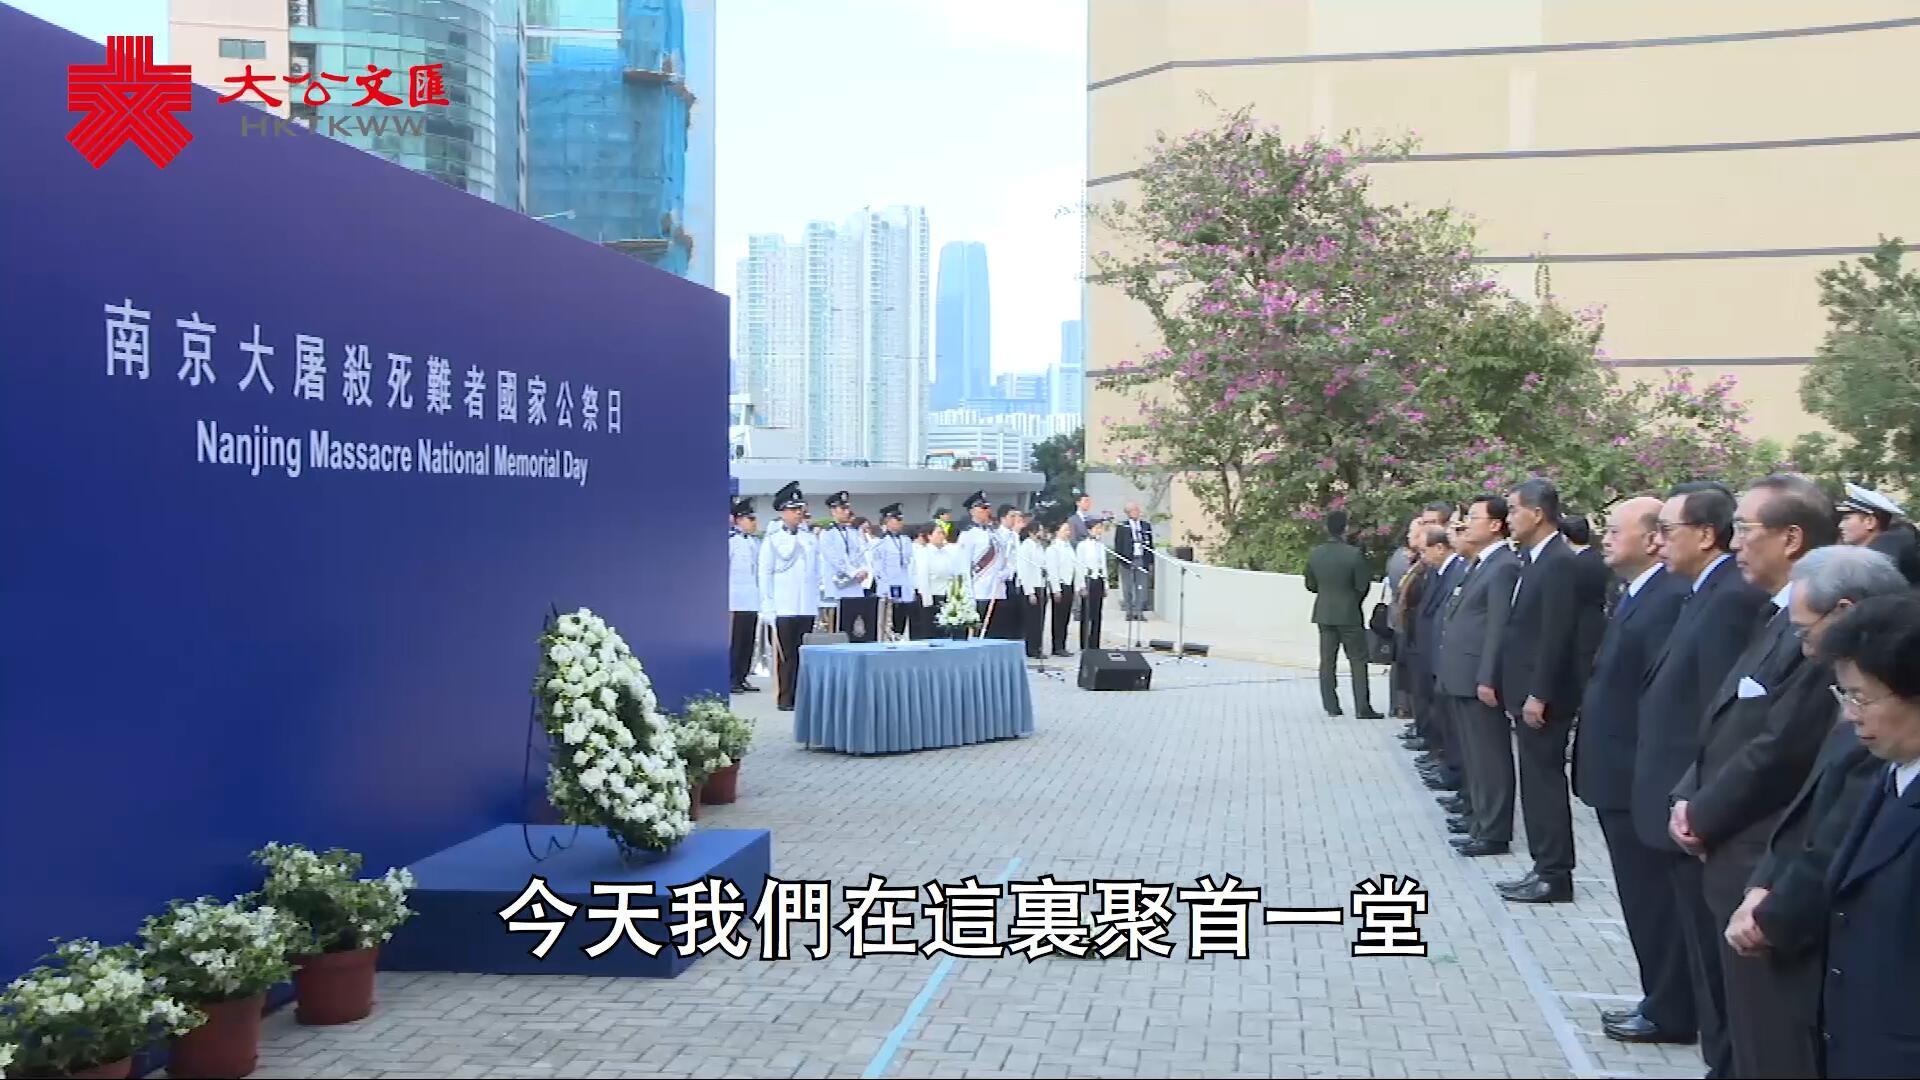 銘記歷史 香港舉行「南京大屠殺死難者國家公祭日」儀式